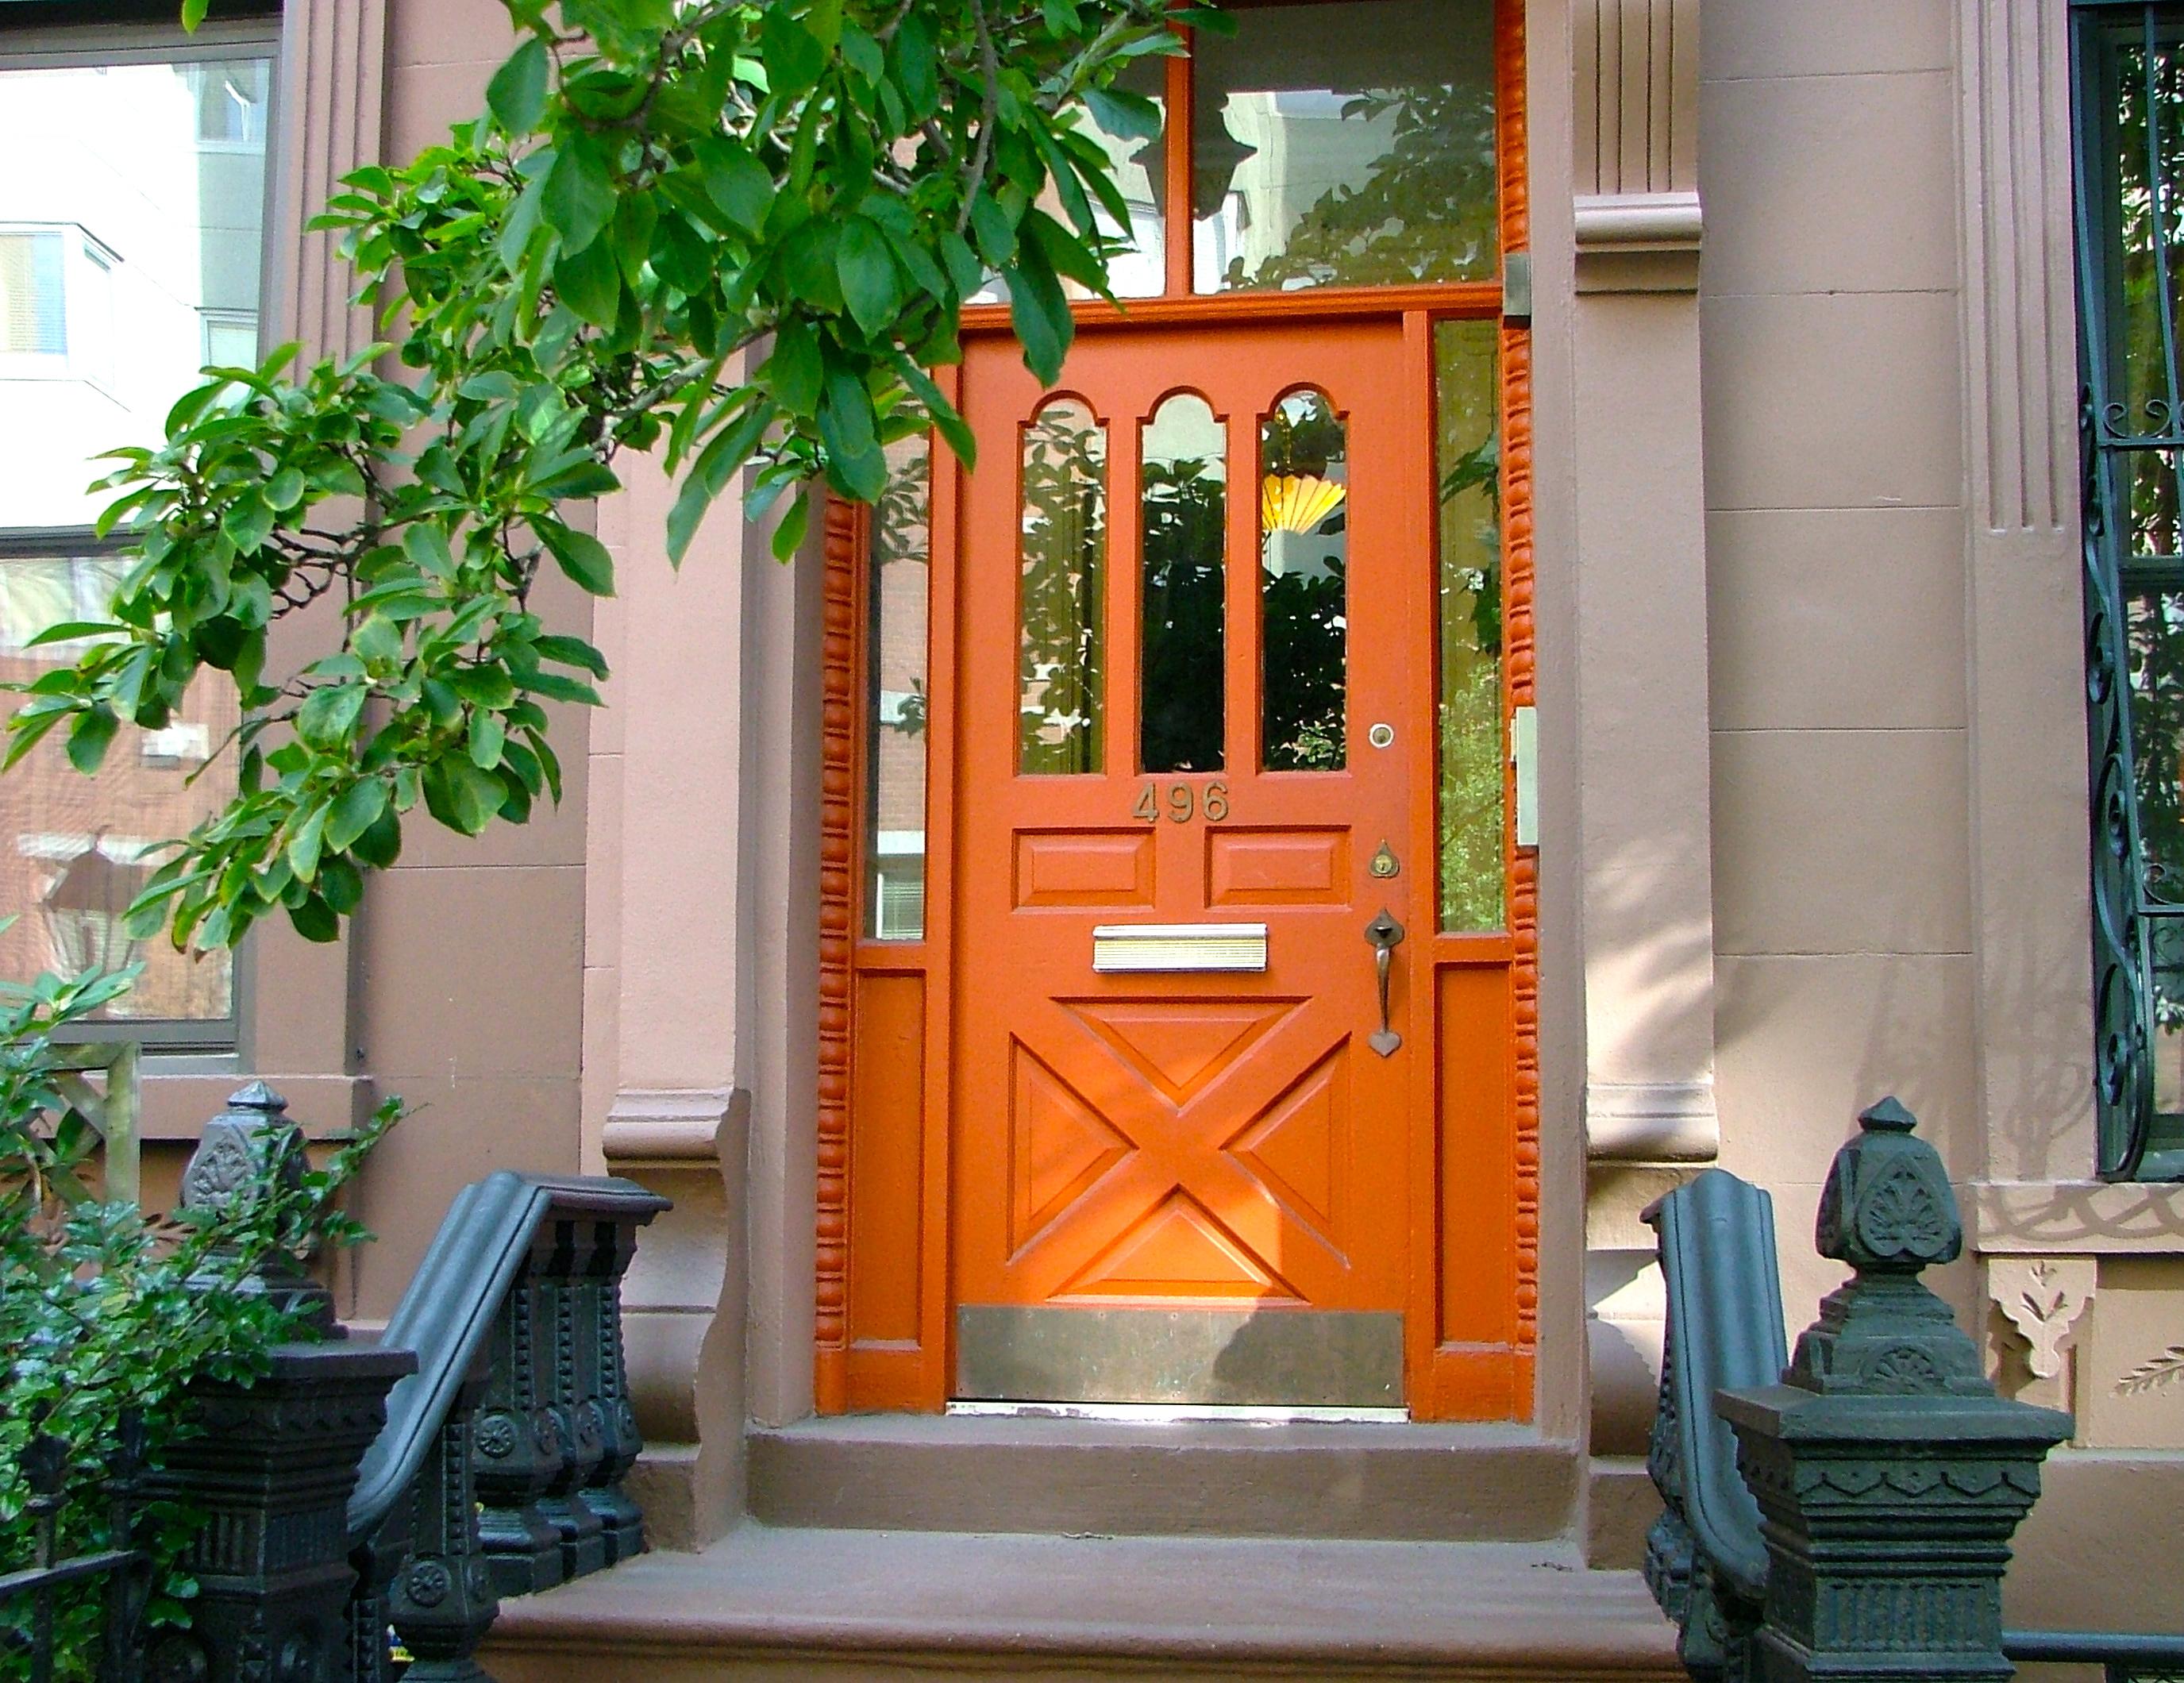 October Orange Door & October Orange Door | Susty Life